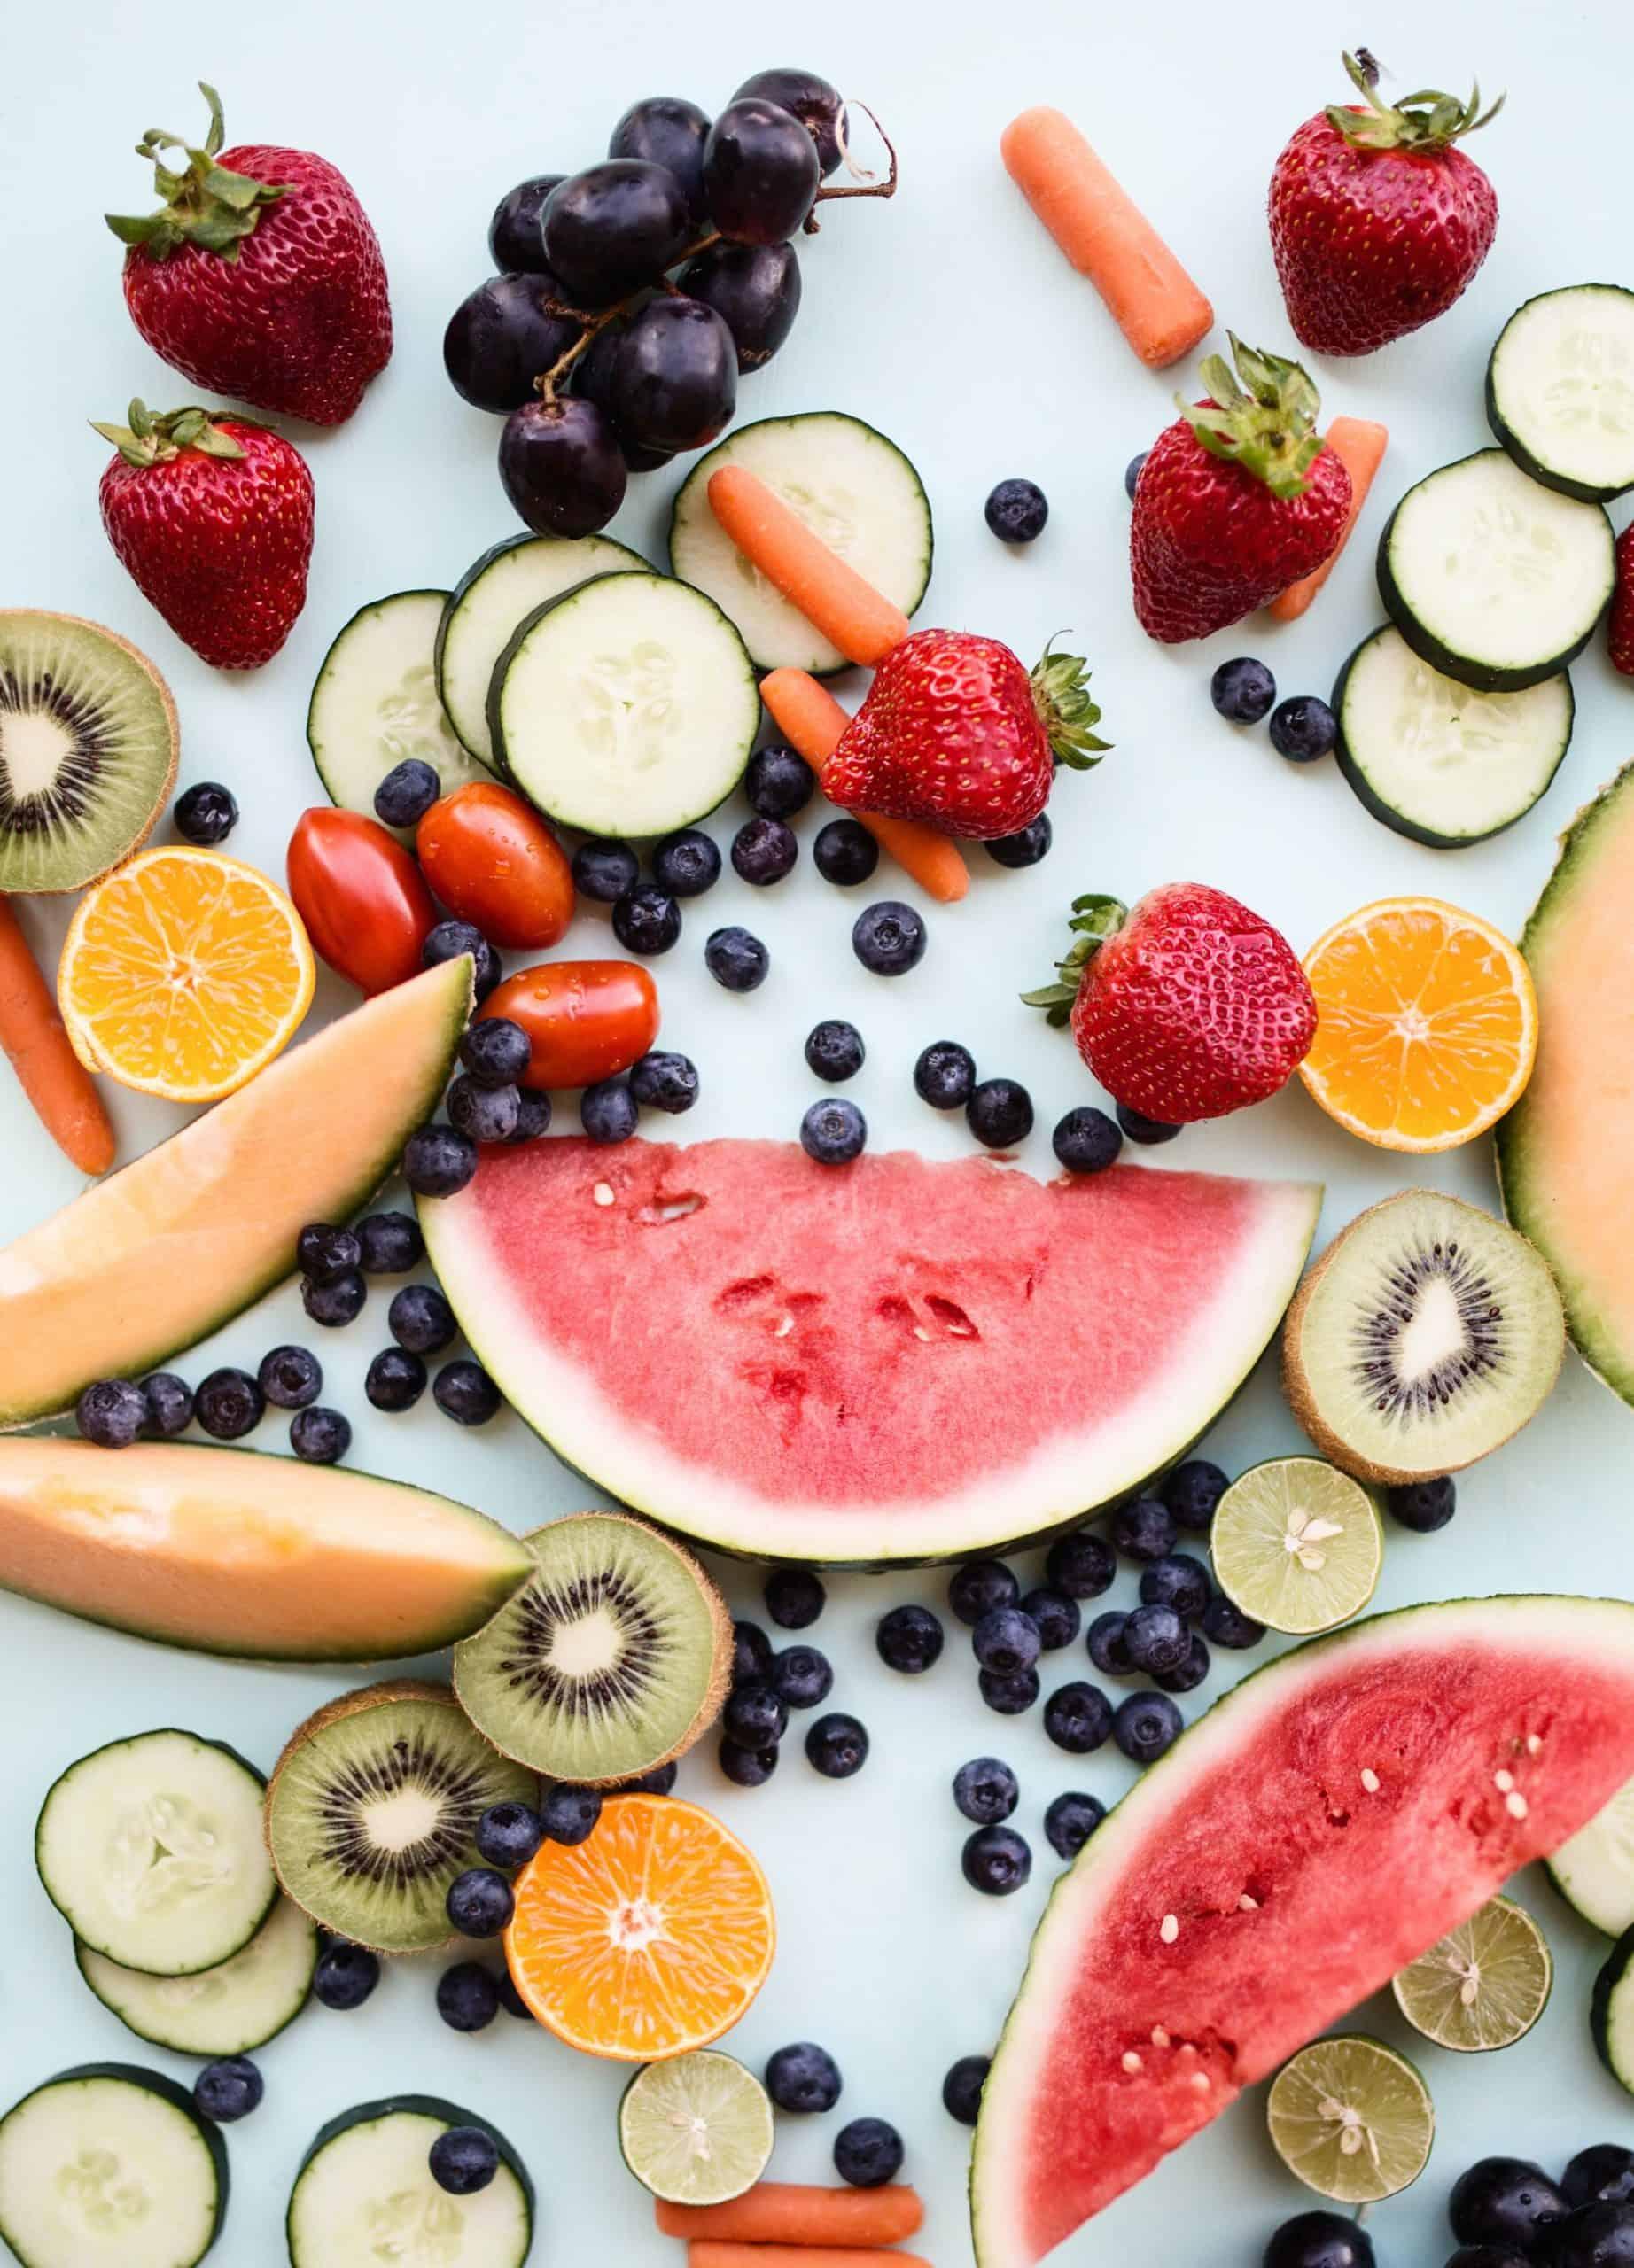 מאכילים בריאים סיבים תזונתיים